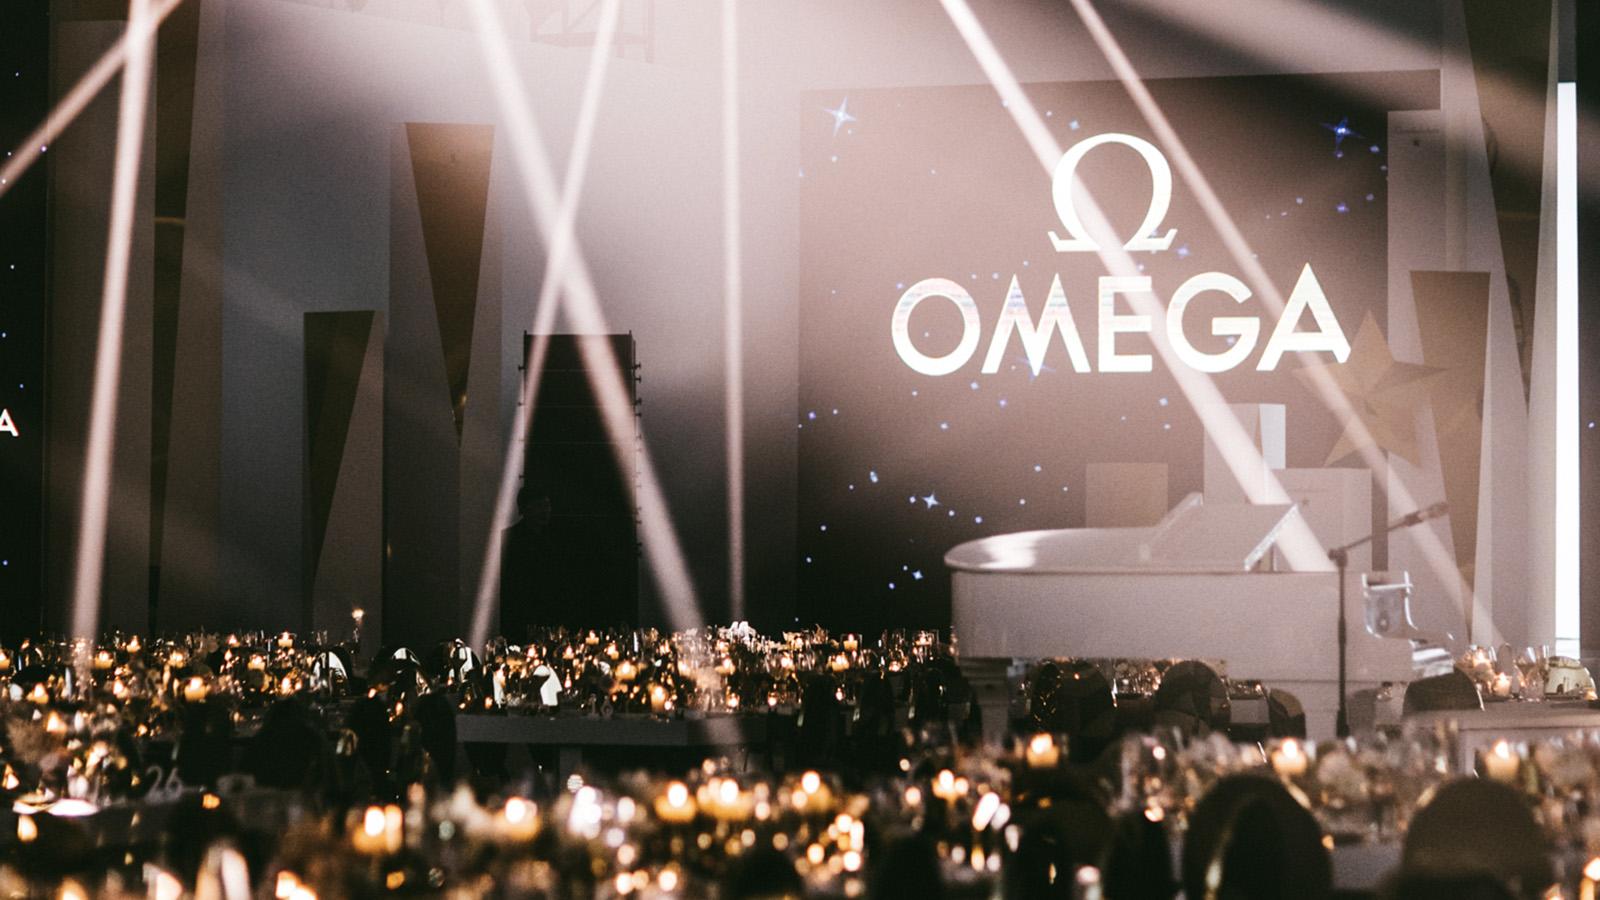 Omega ra mắt đồng hồ Constellation Manhattan tại Thượng Hải 1